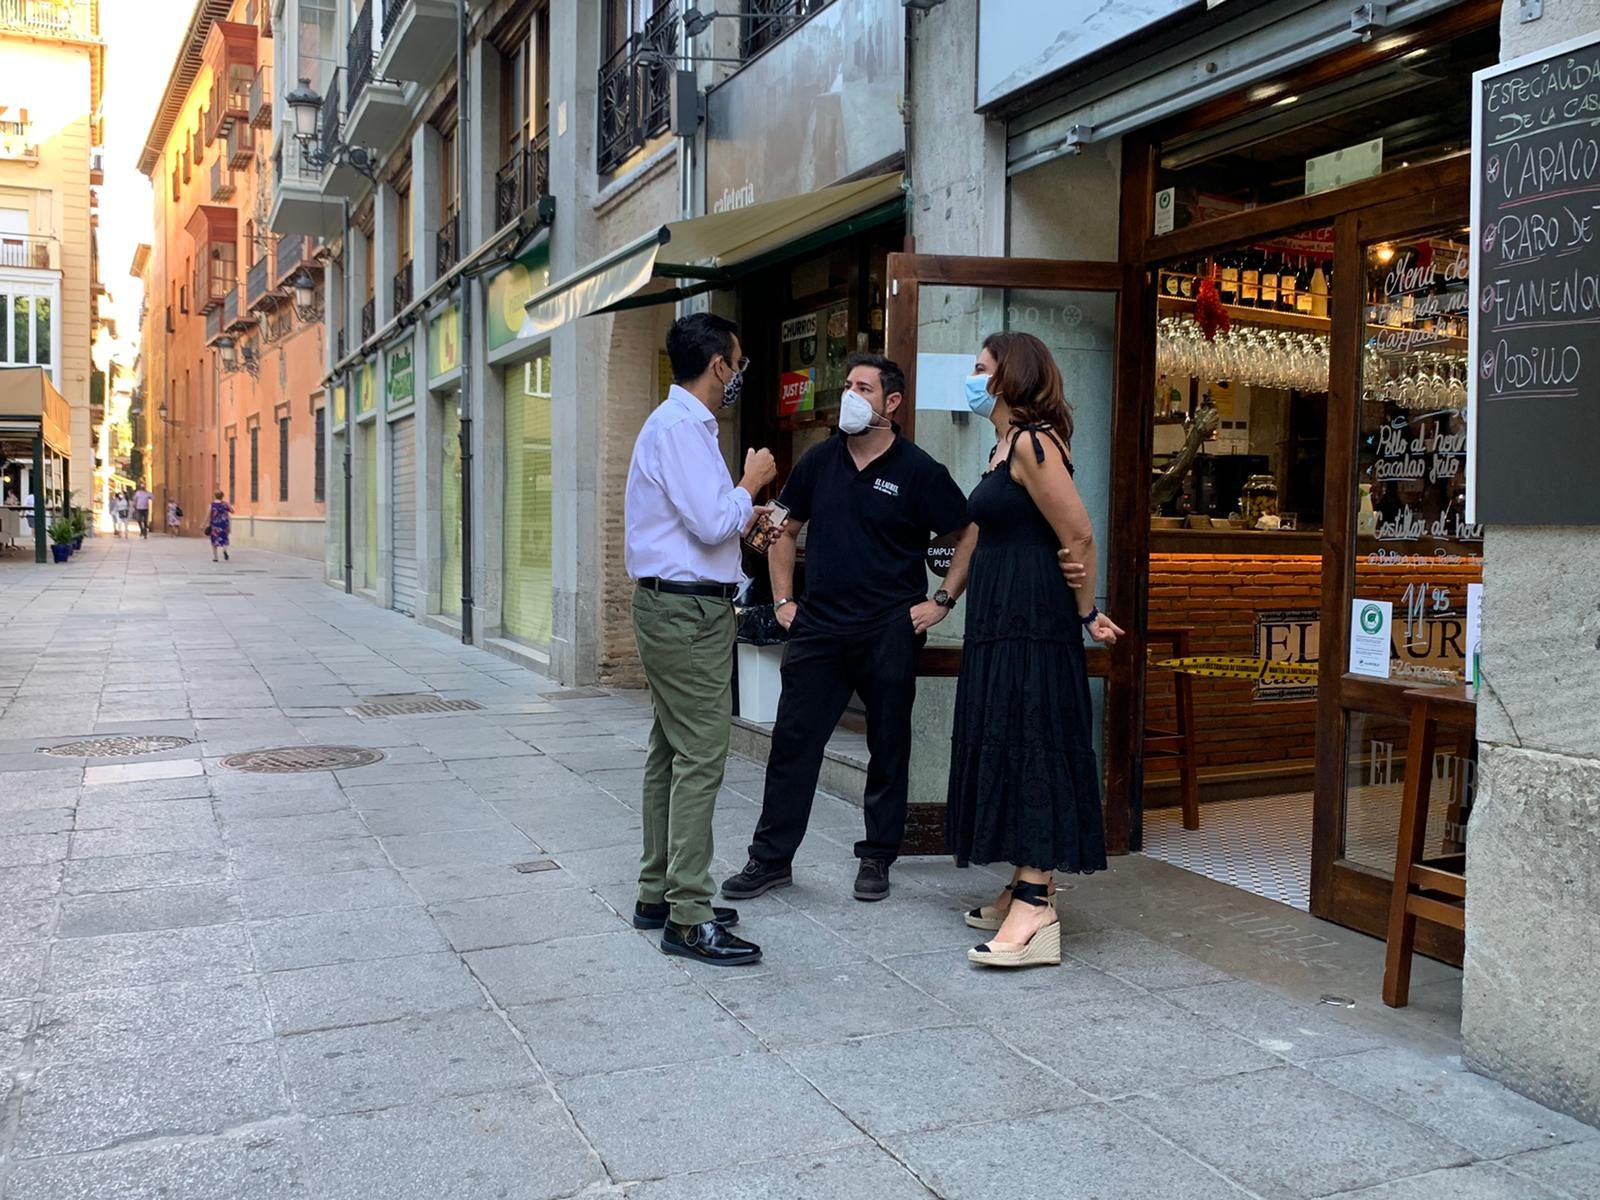 EL PSOE denuncia al Bipartito por cobrar las terrazas a los hosteleros, lo contrario de lo que prometió